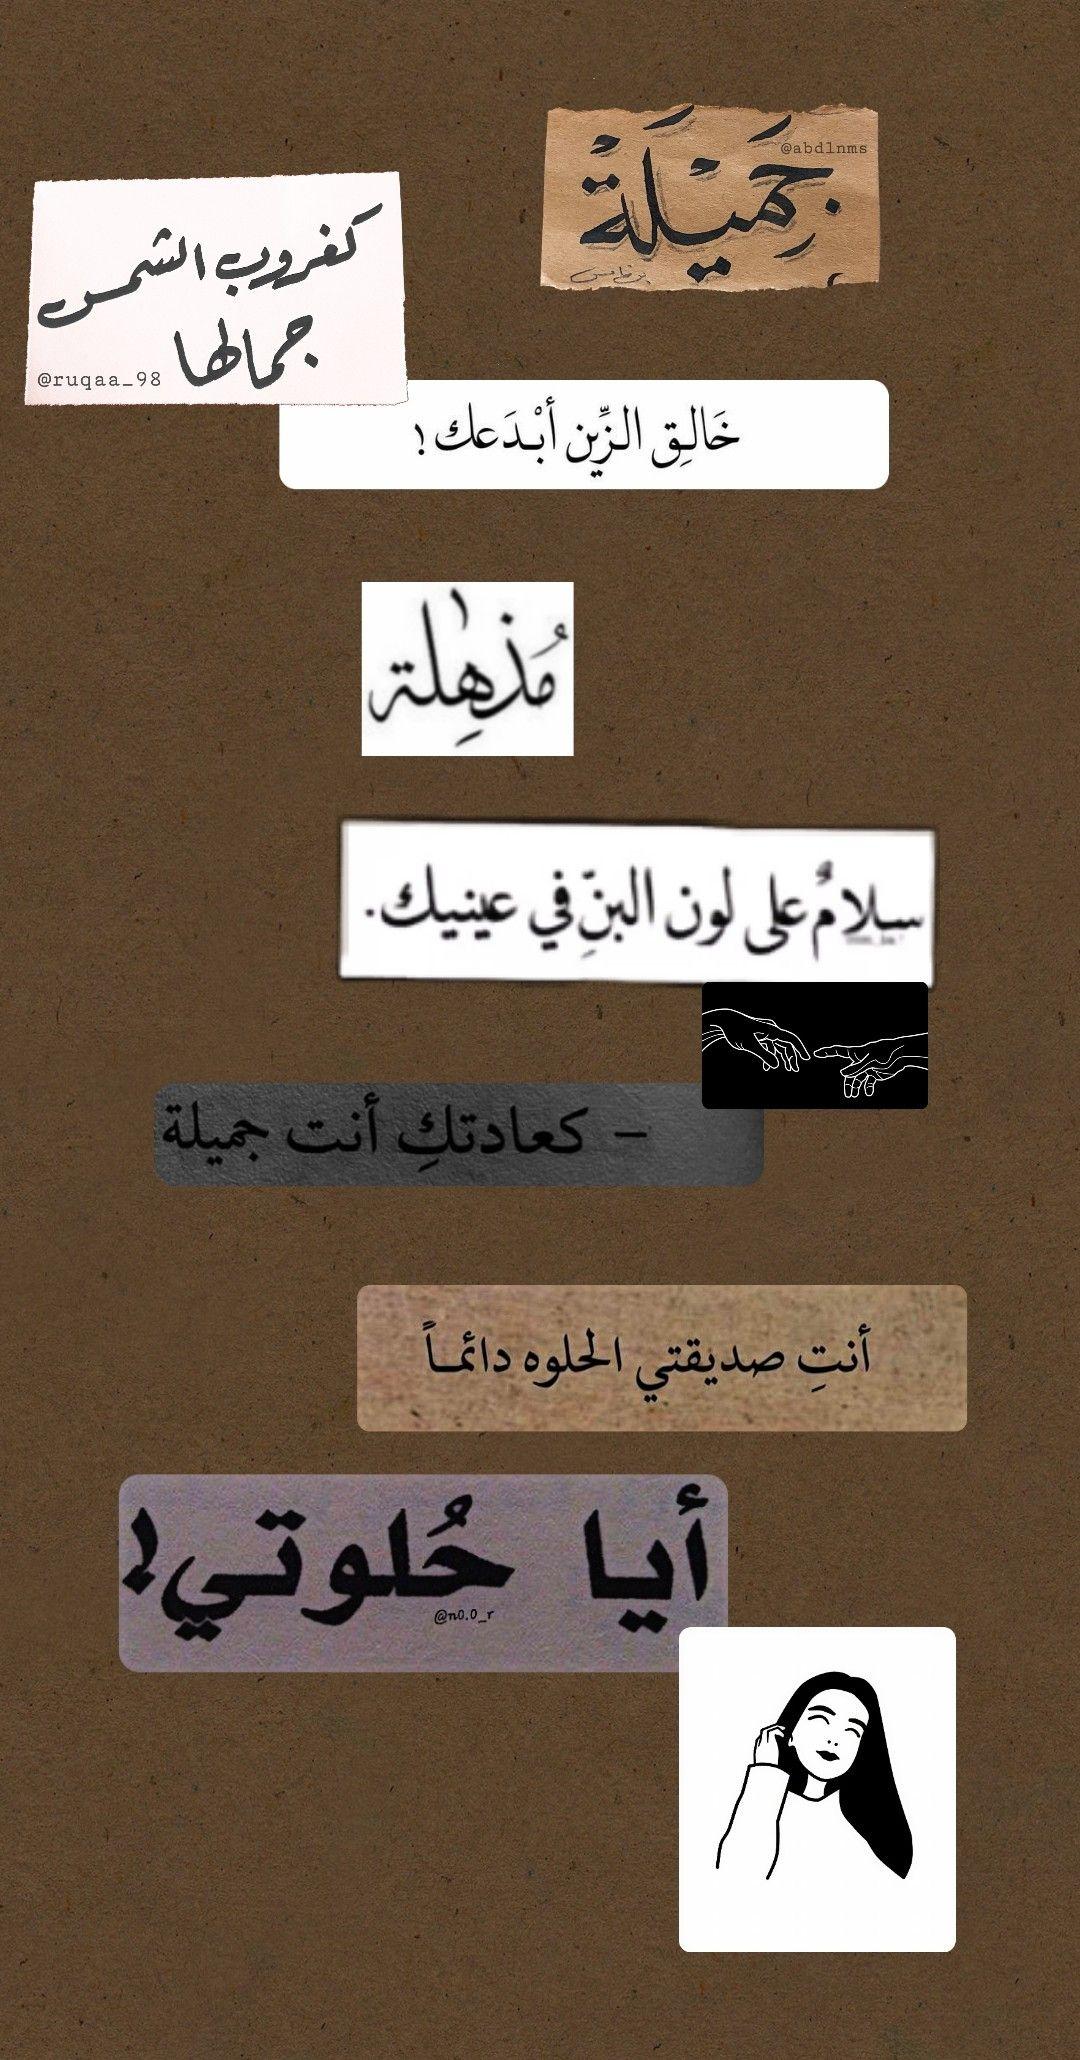 كغروب الشمس جمالهاا K 22 Quotes For Book Lovers Iphone Wallpaper Quotes Love Love Quotes Wallpaper